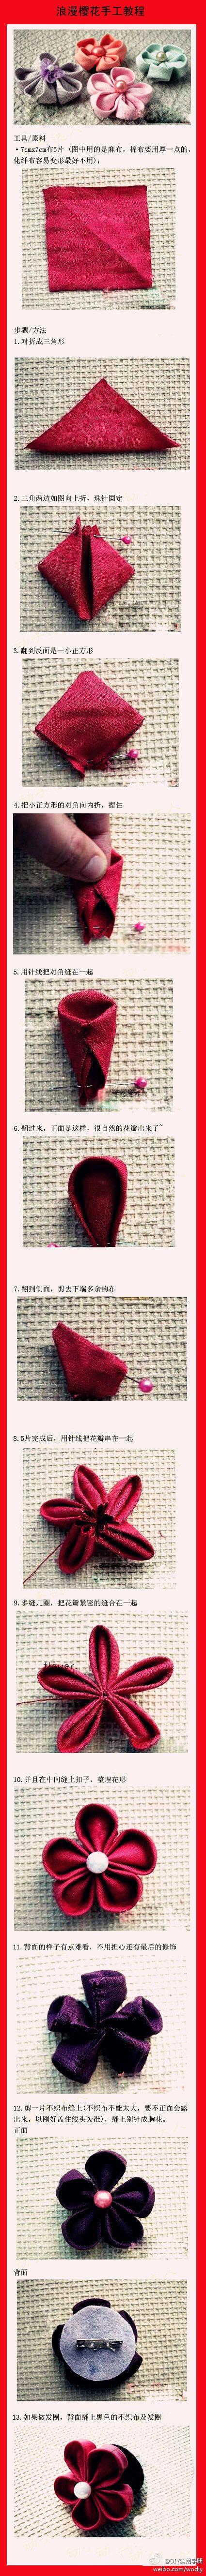 Fabric cherry blossom tutorial